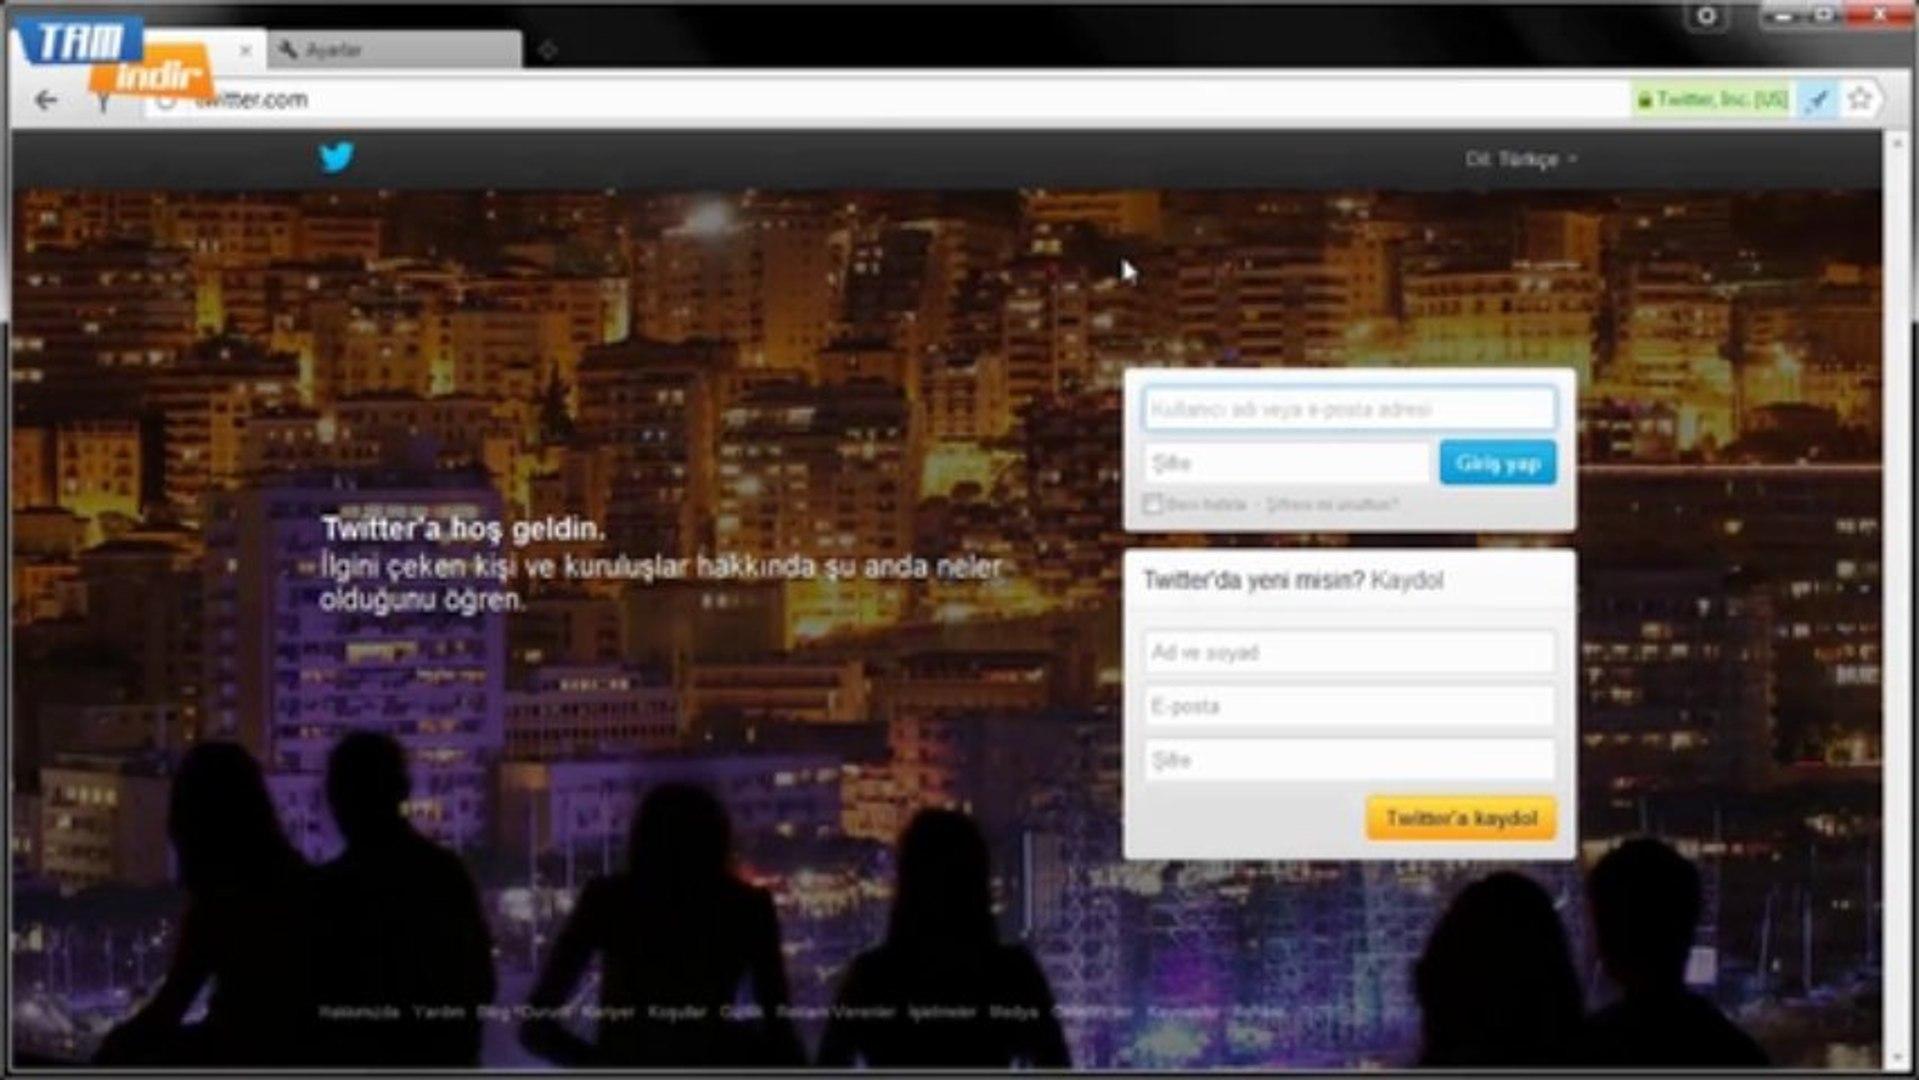 Yandex Browser'ın Genel Özellikleri - Yazılım Videosu